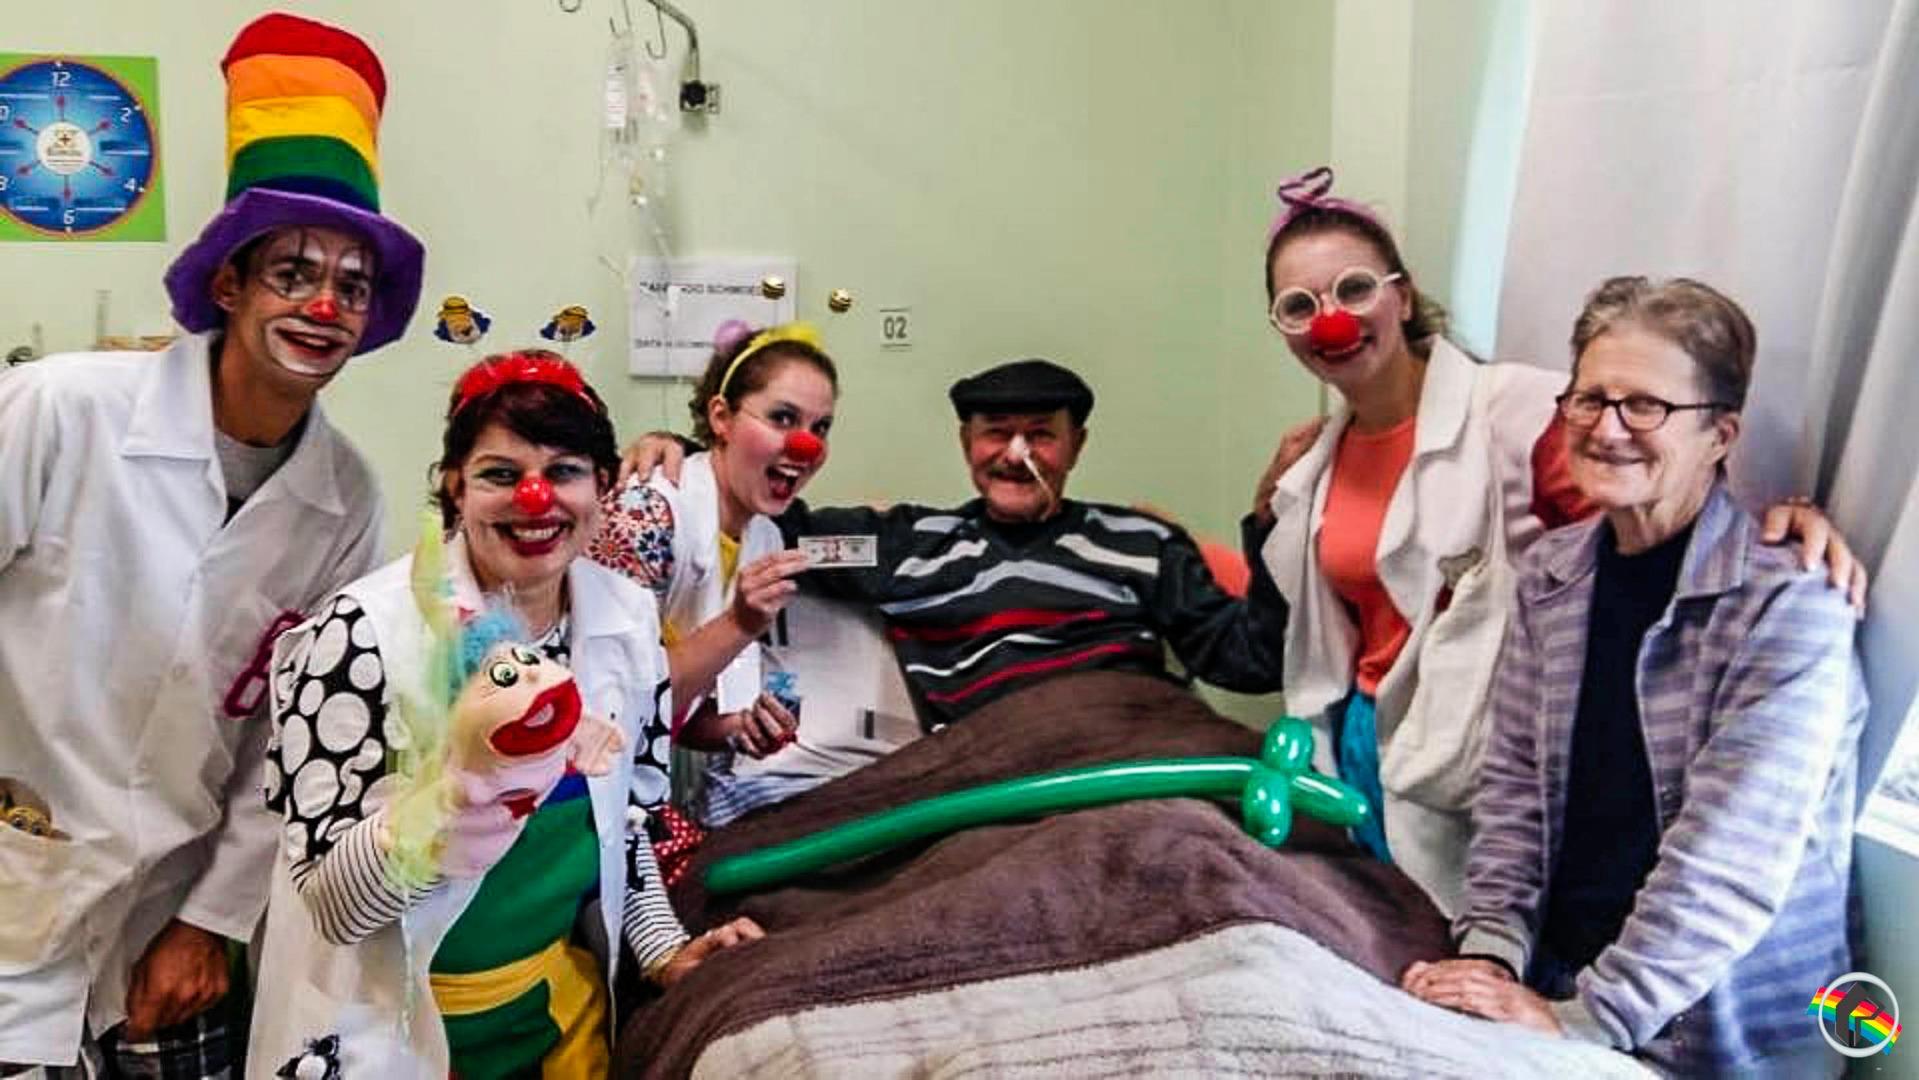 Projeto de palhaçoterapia leva sorrisos a pacientes hospitalizados na região